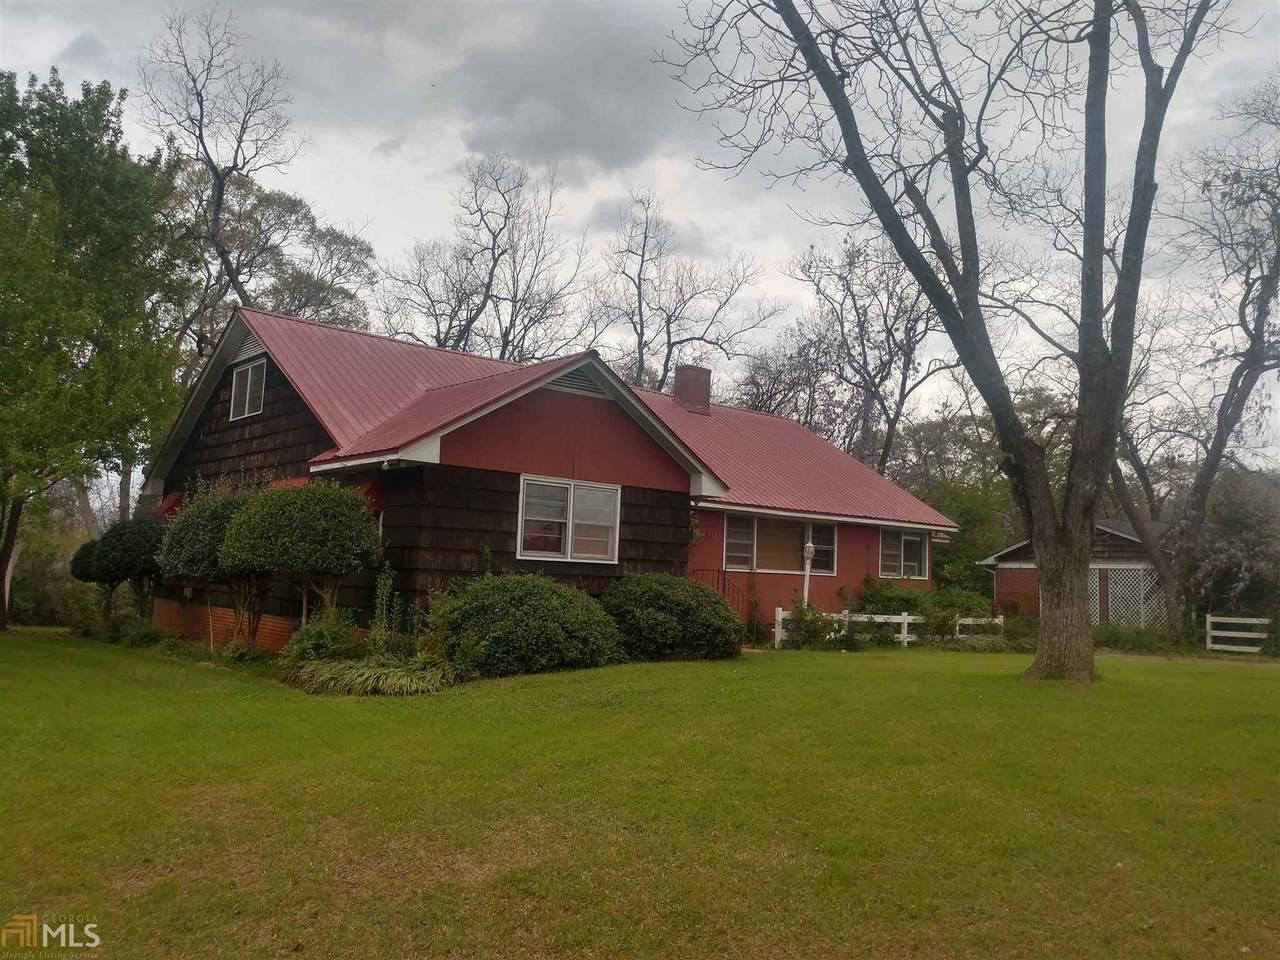 150 Georgia Ave - Photo 1